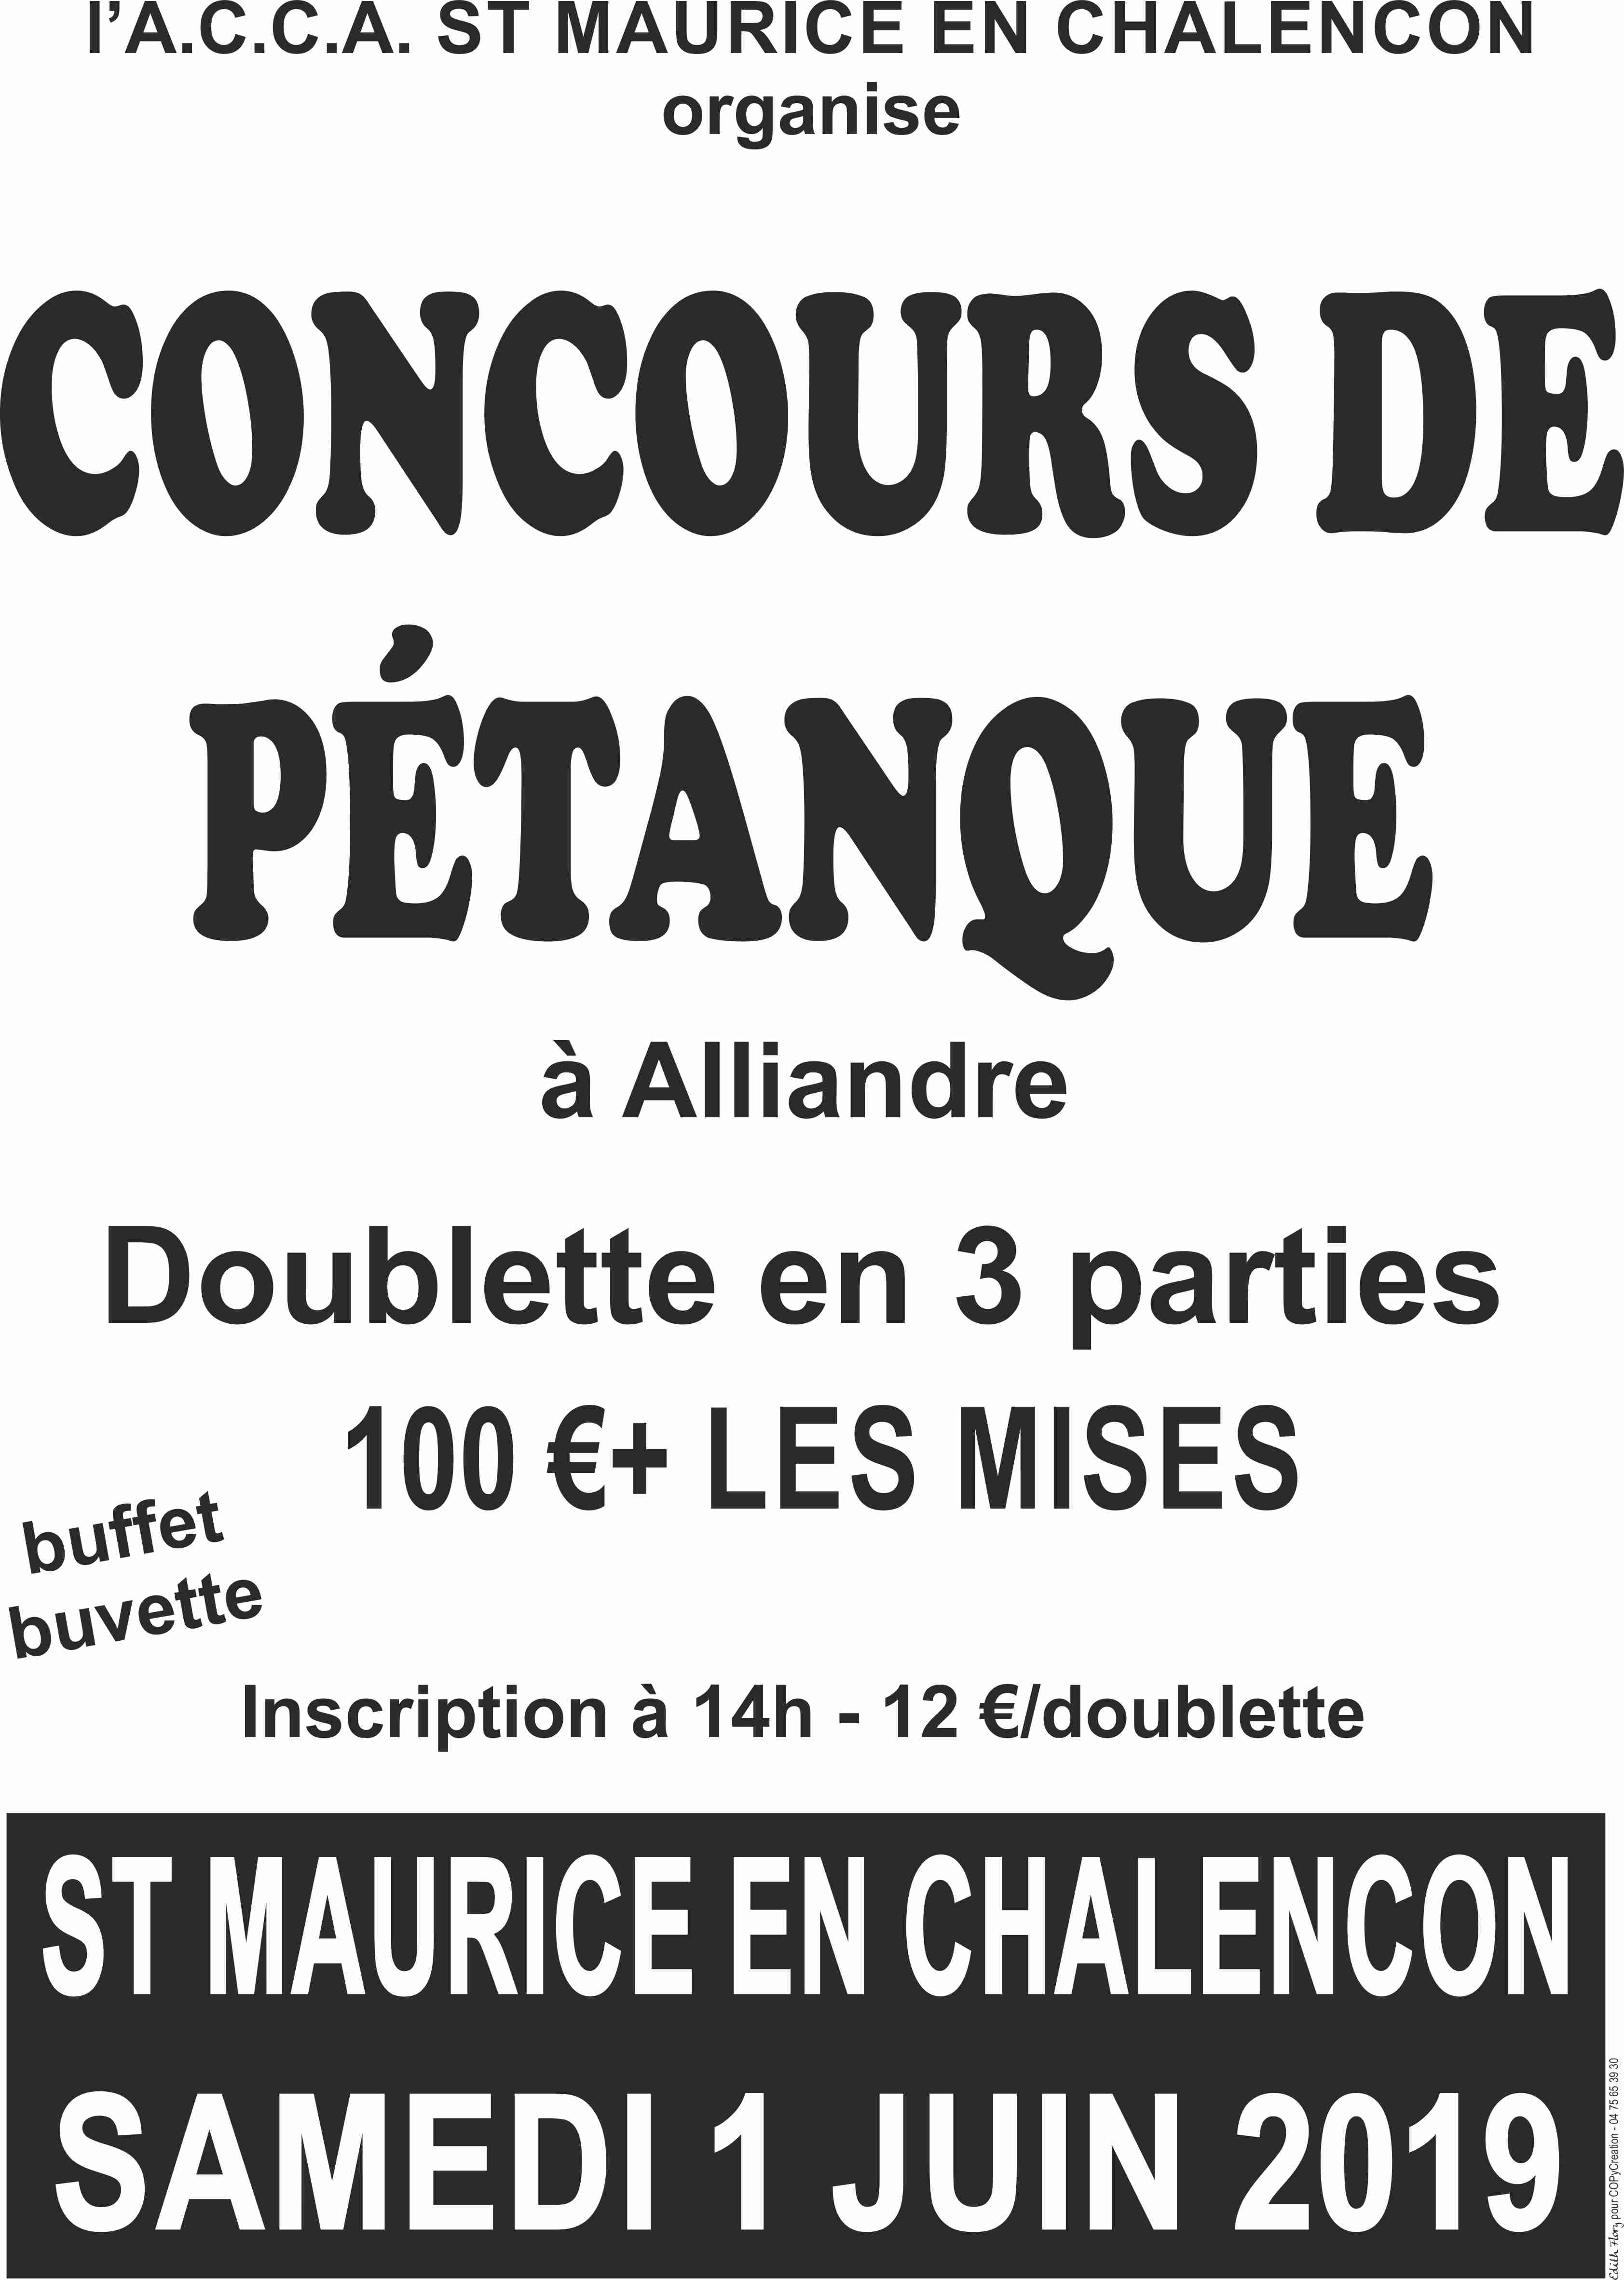 affiche concours de pétanque 2019